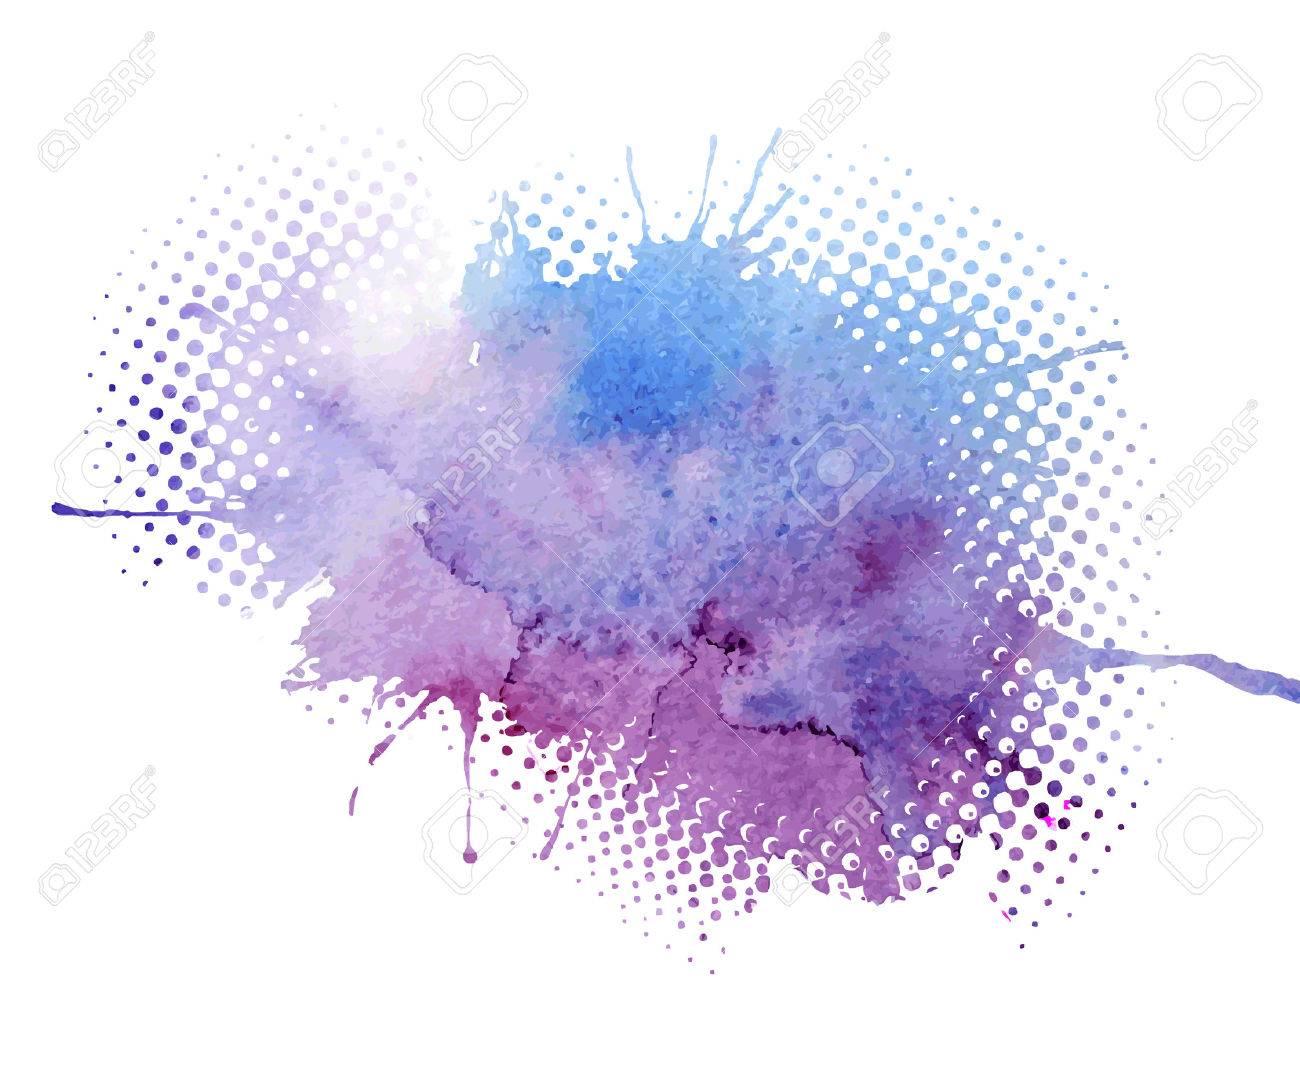 Abstract watercolor splash watercolor drop stock vector 41817350